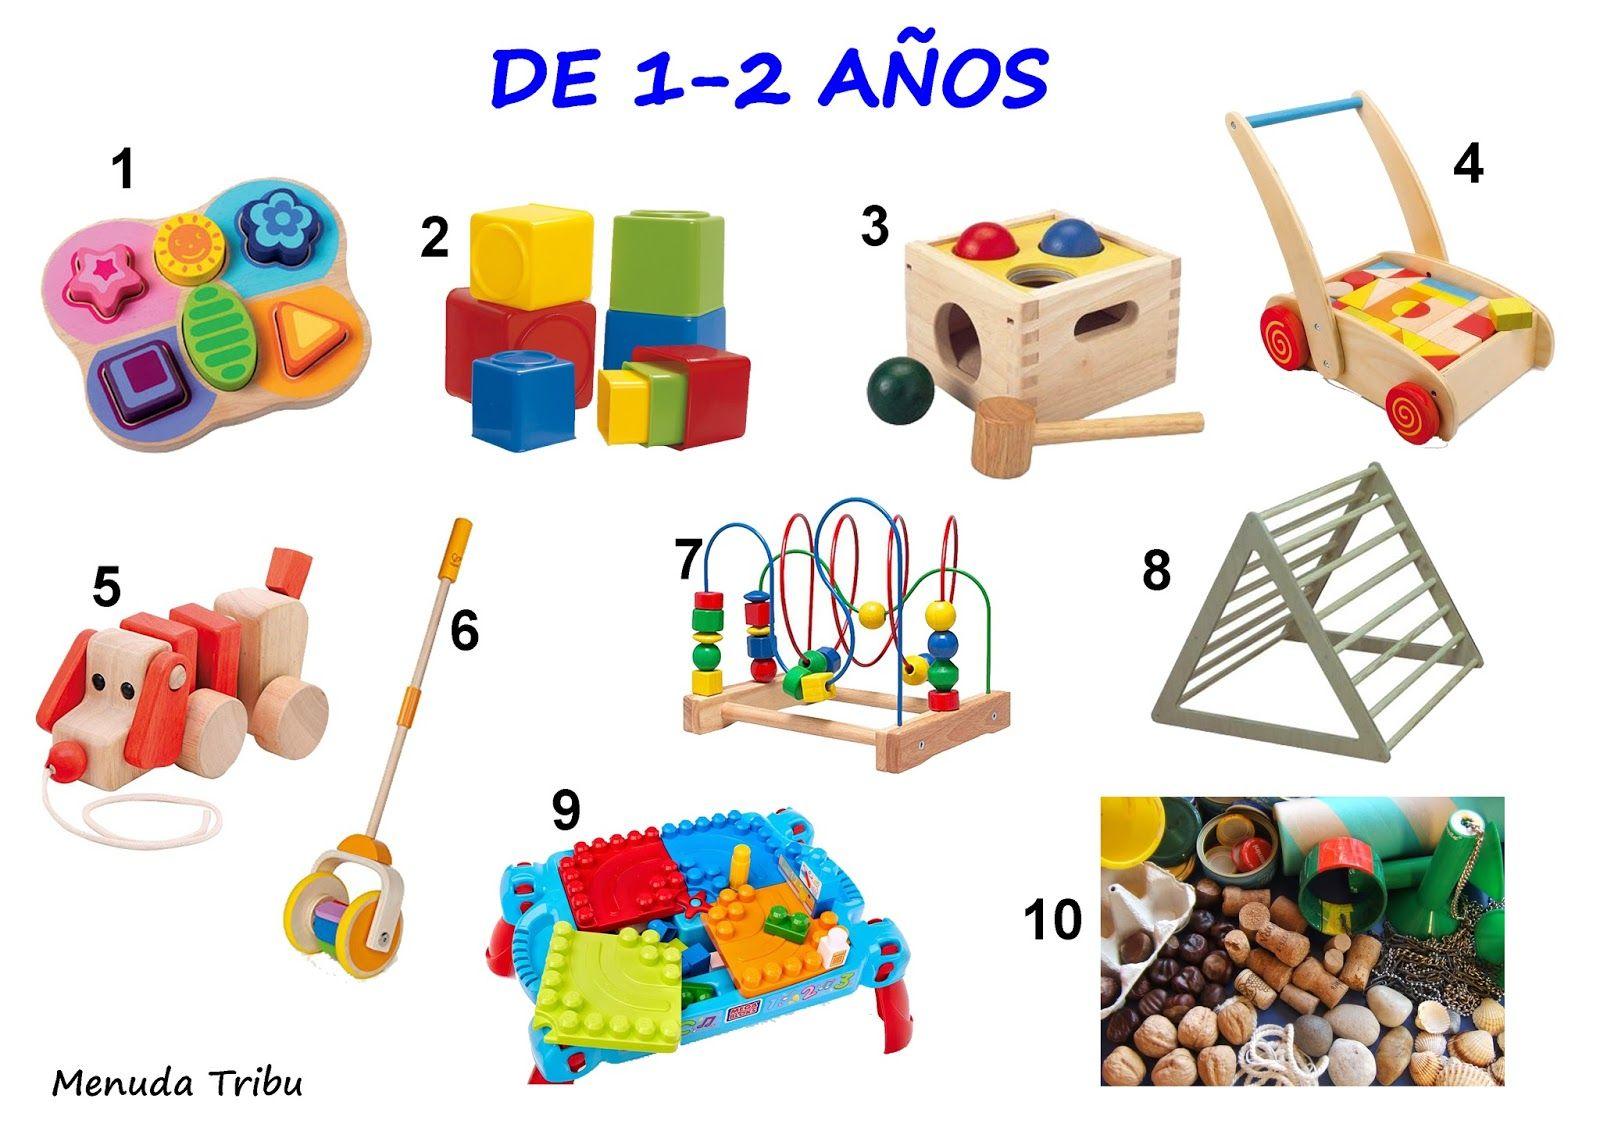 52eff8b64249 juegos para niños de 0-4 años Menuda Tribu | Nico | Kids rugs, Rugs ...